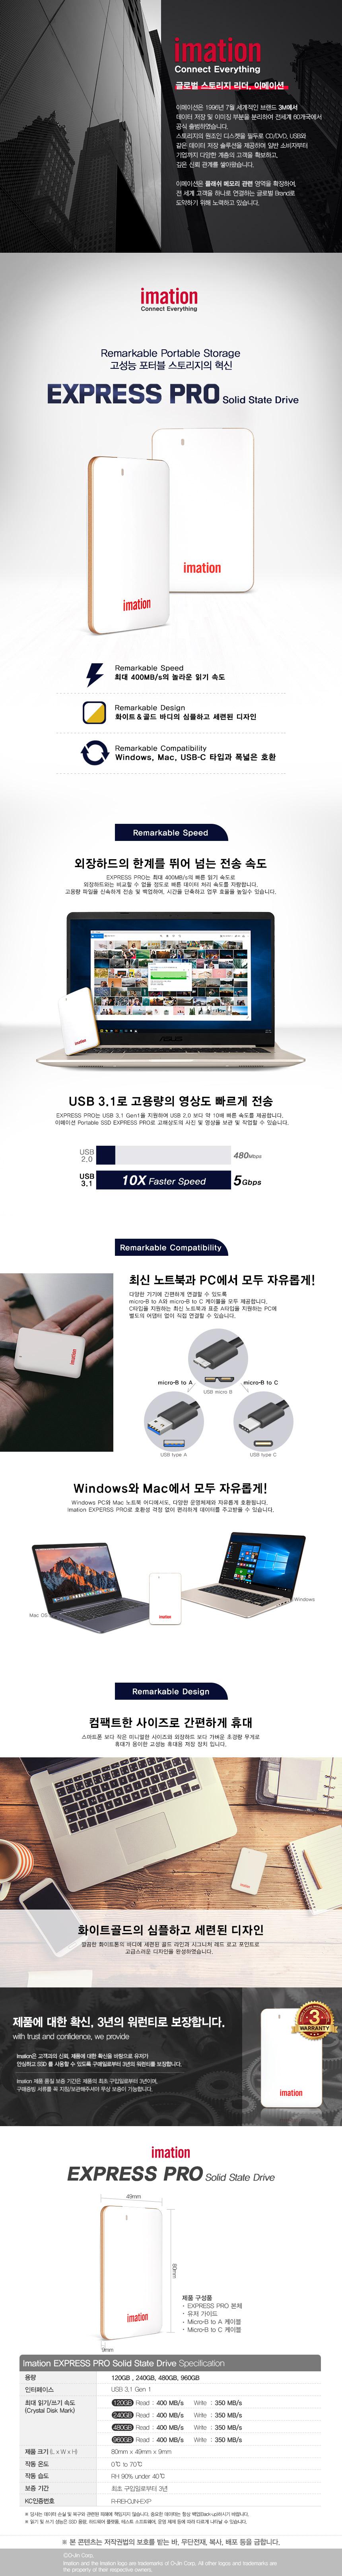 이메이션  Express Pro(240GB)